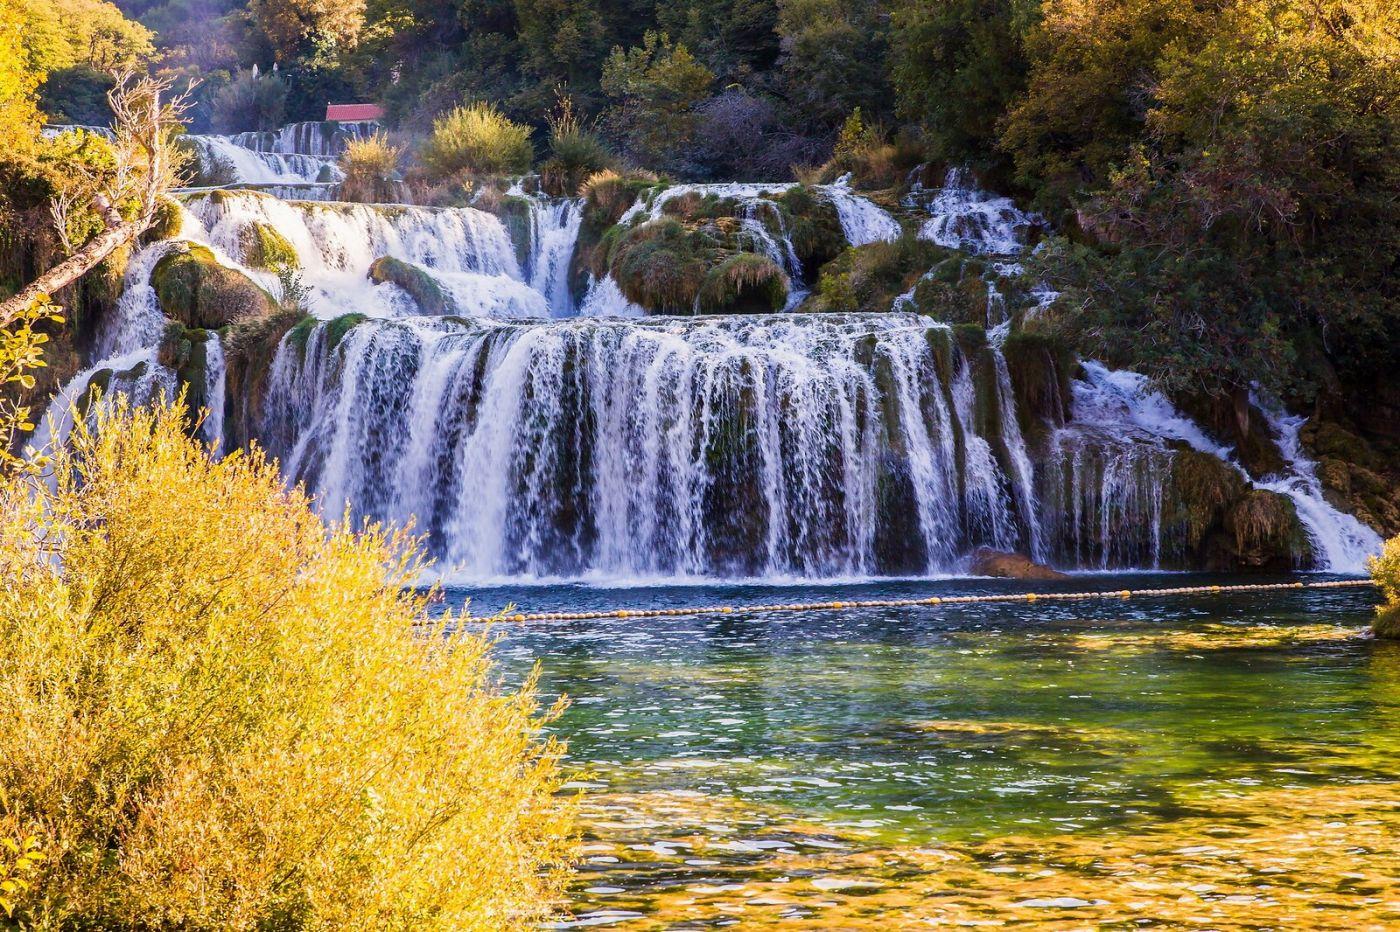 克罗地亚克尔卡国家公园(Krka National Park),瀑布瀑布瀑布_图1-13